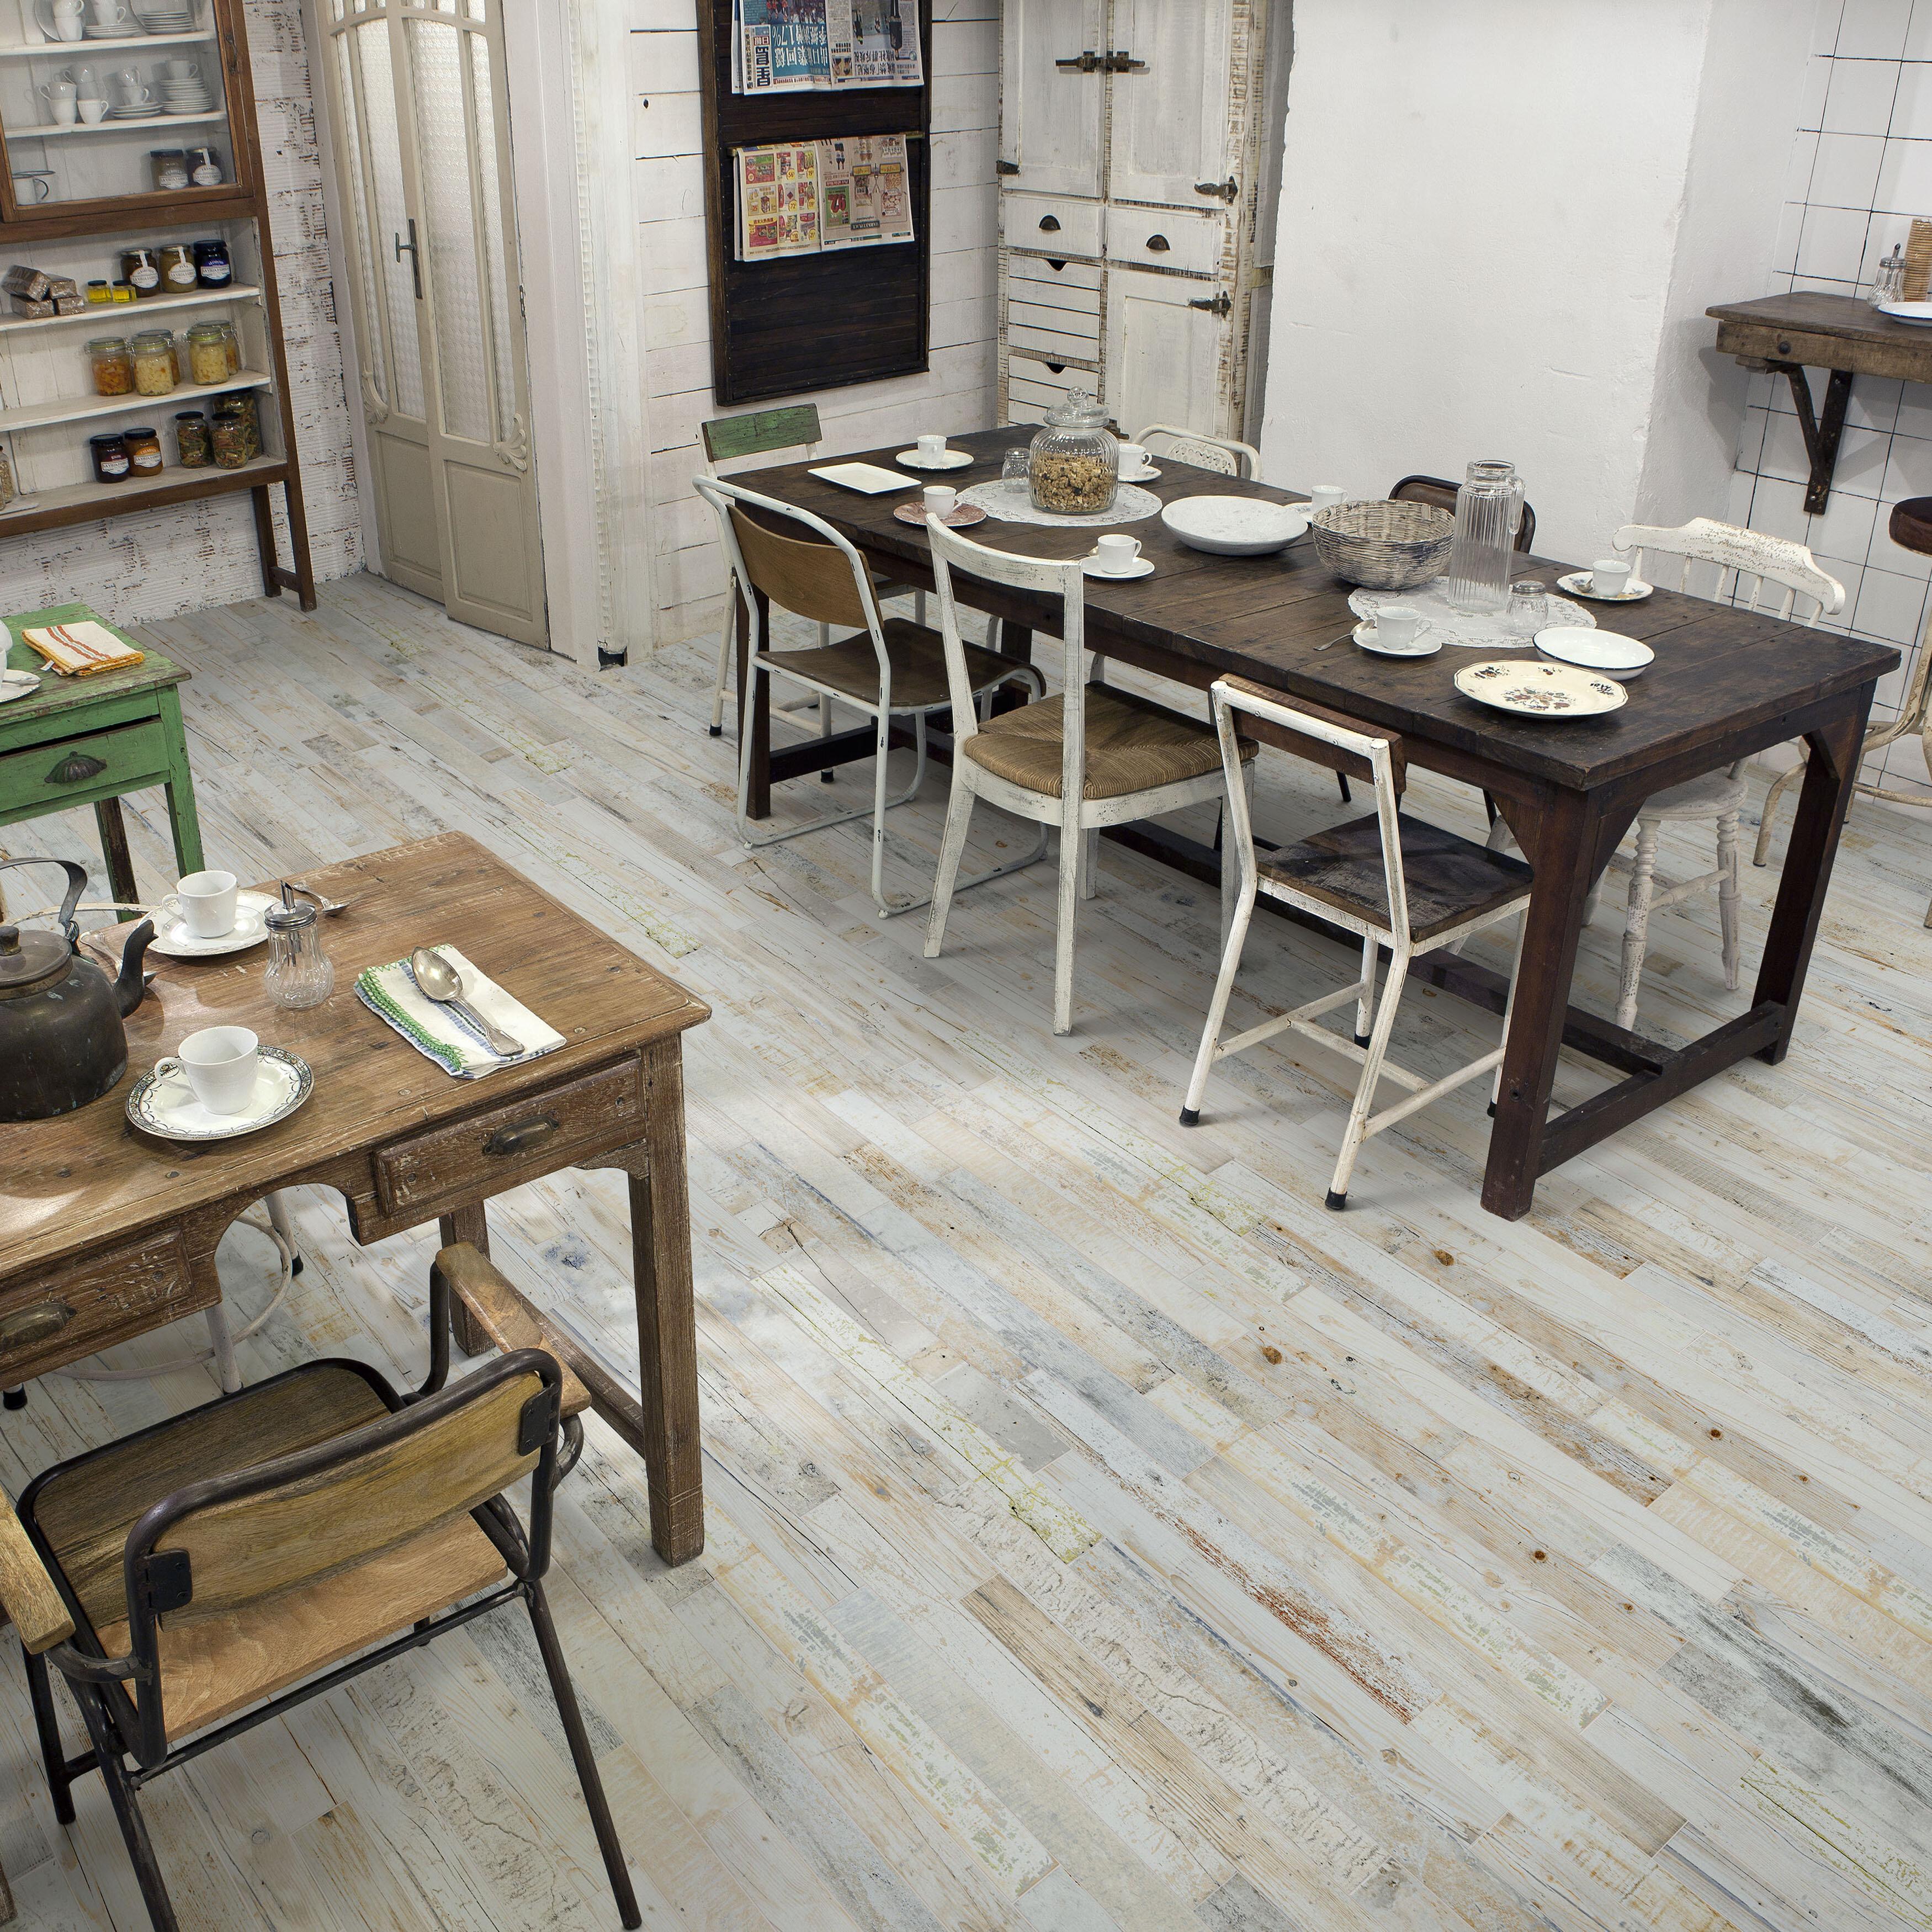 Zara 2 88 x 26 5 porcelain wood look tile in gray beige reviews joss main